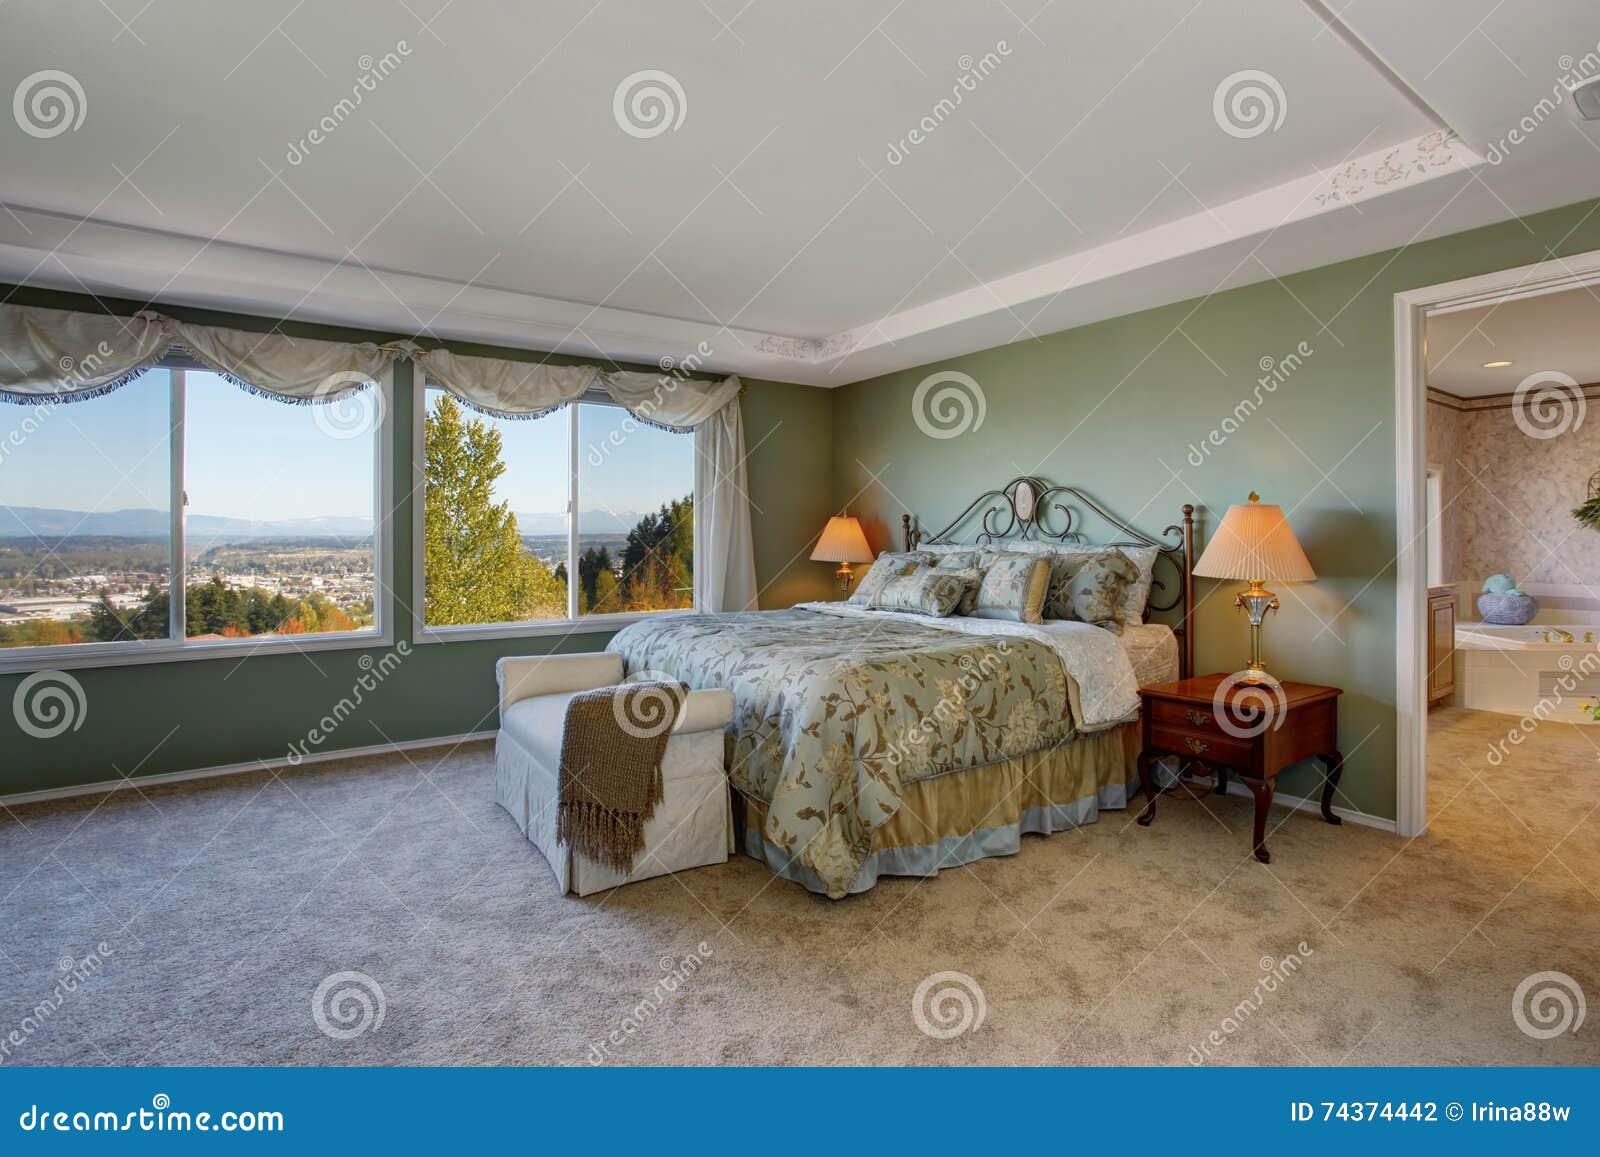 Schlafzimmer mit teppichboden italienisch schlafzimmer wasseradern im anleitung 2 lattenroste - Schlafzimmer mit teppichboden ...